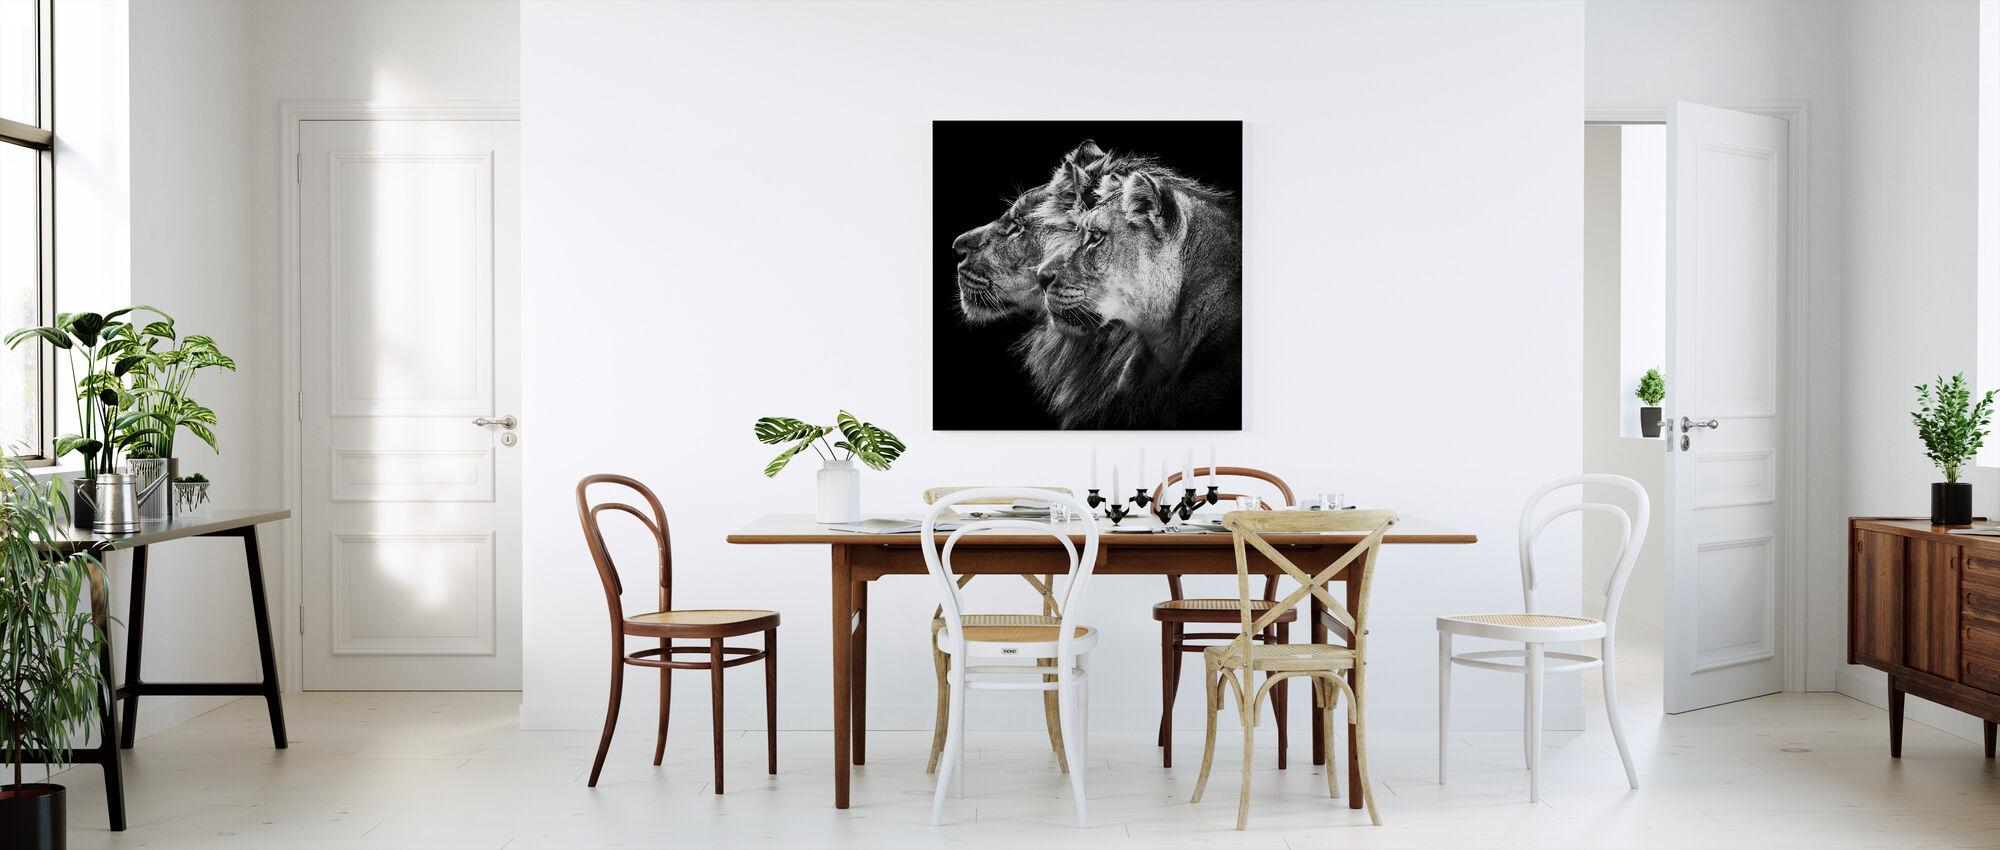 Lion and Lioness Portrait - Canvas print - Kitchen